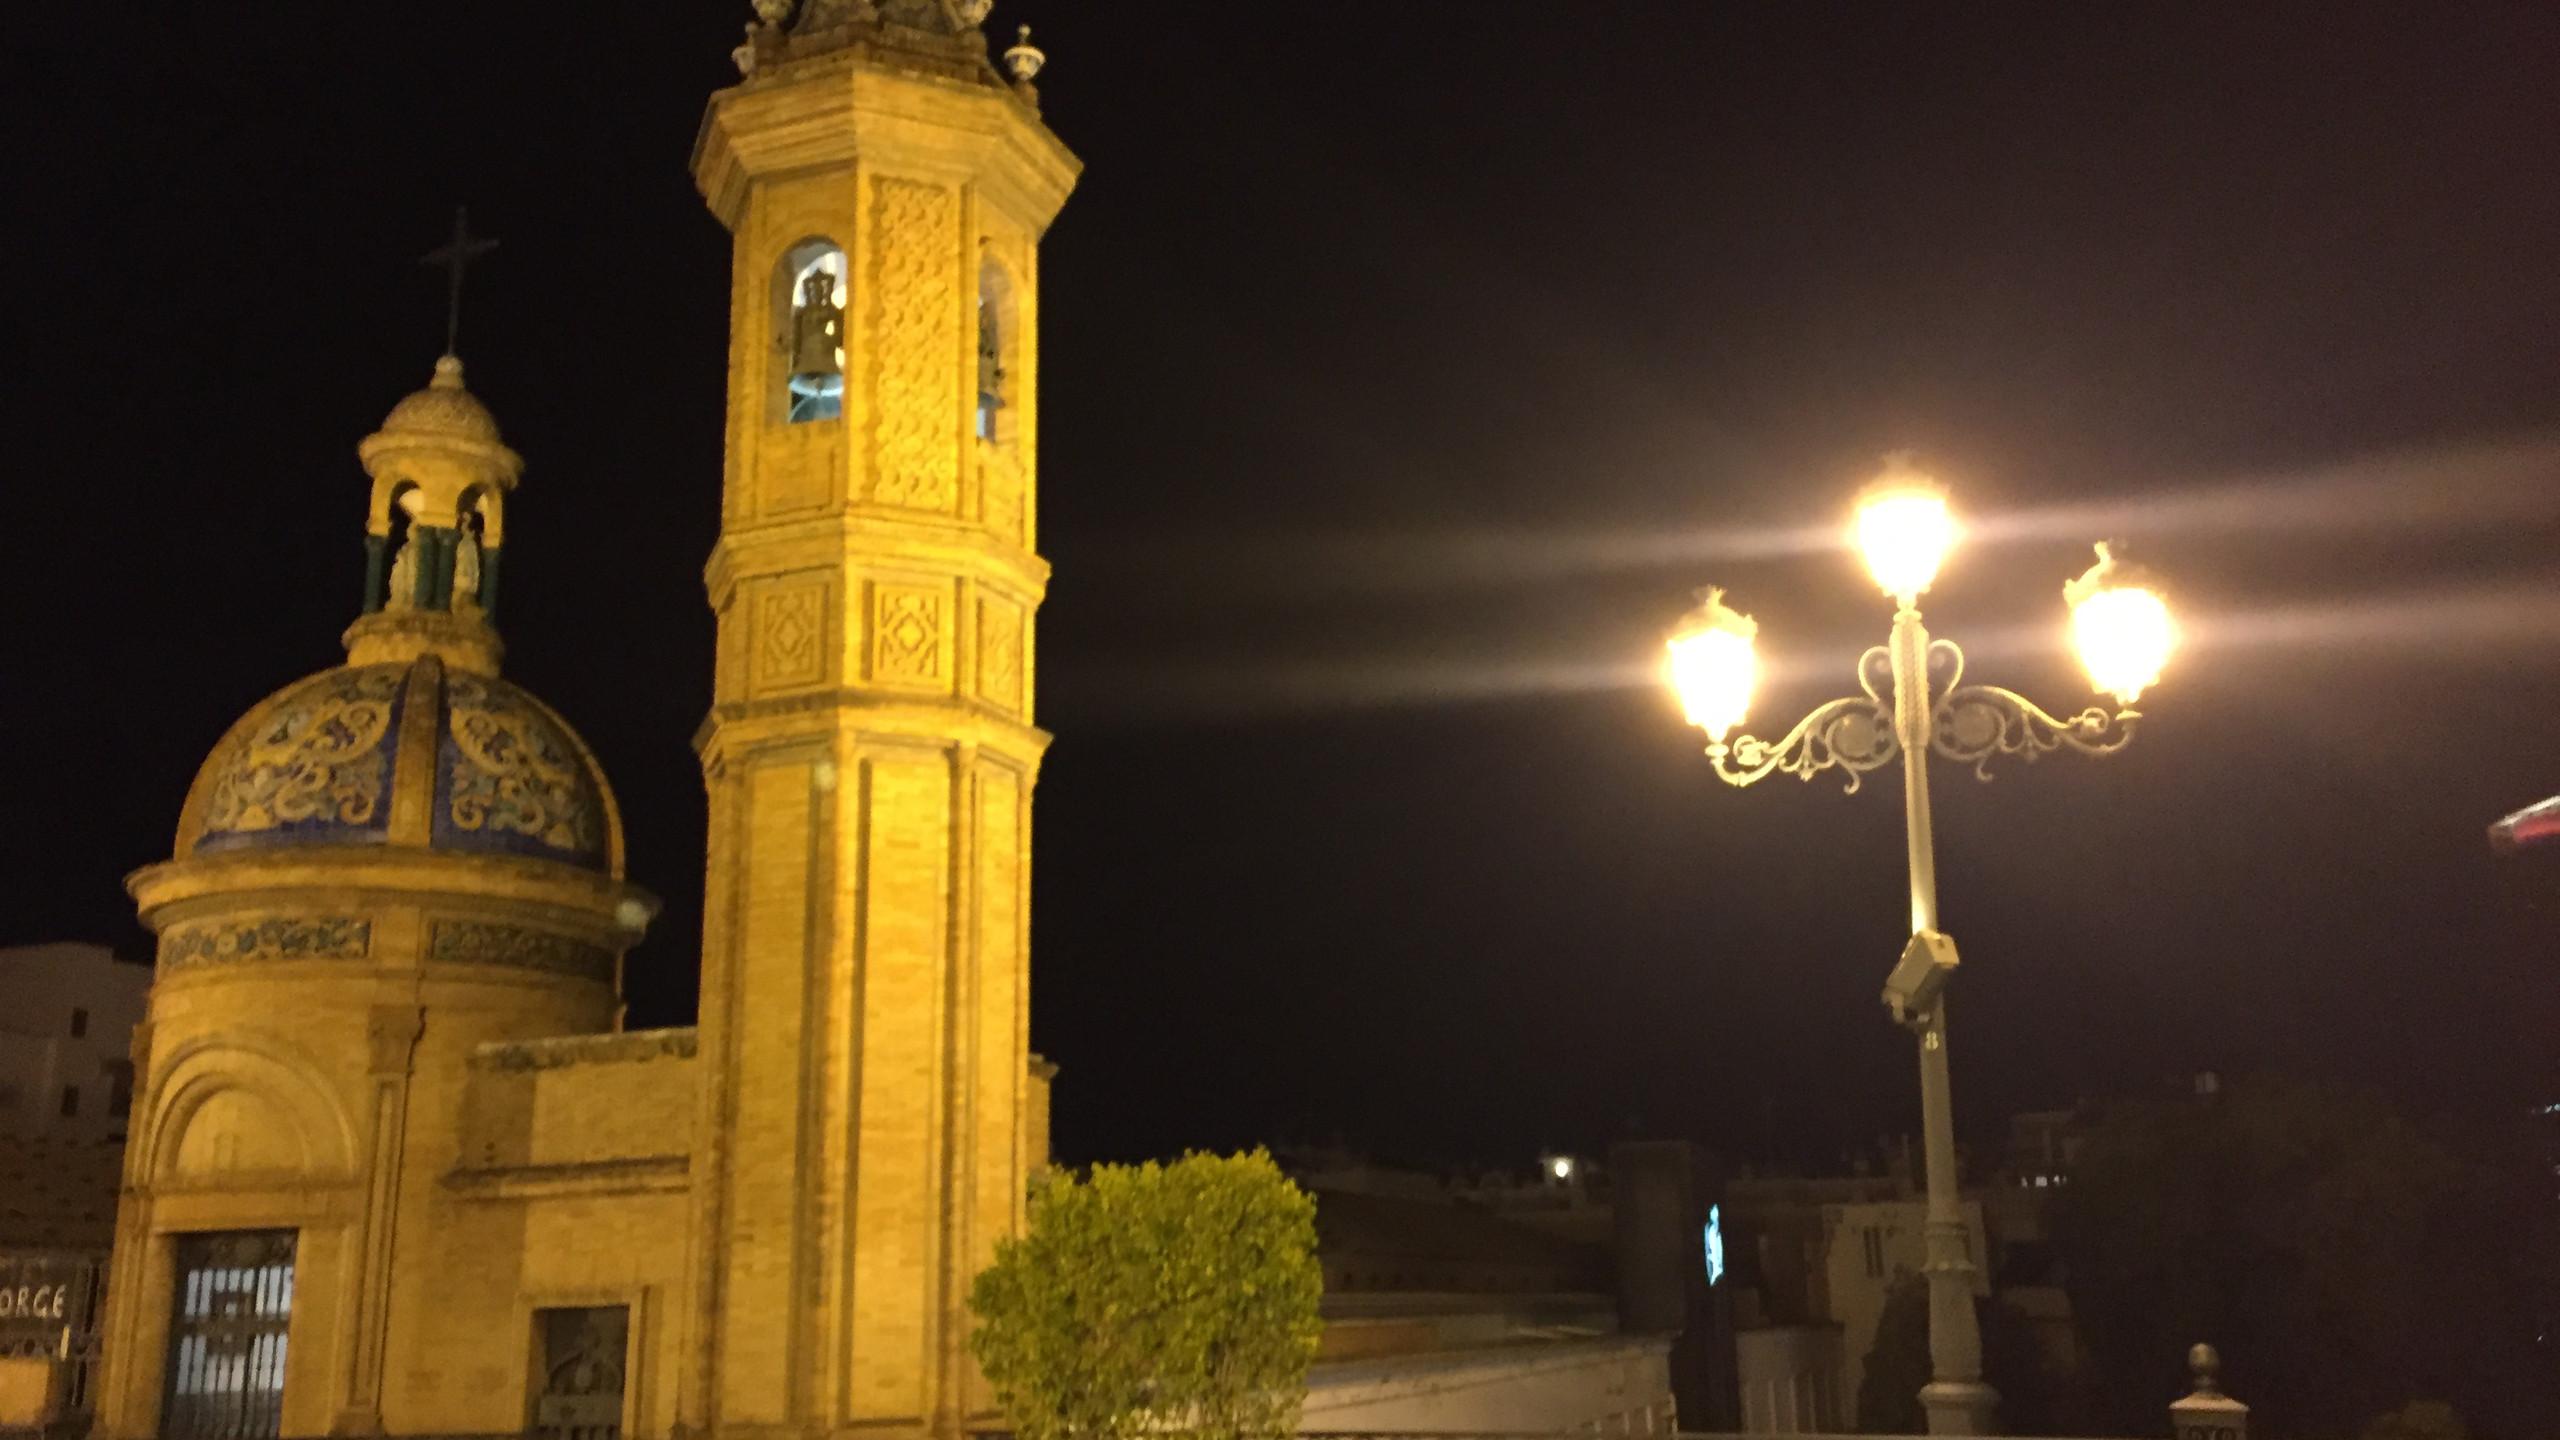 Séjour adapté à Séville, hiver 2017